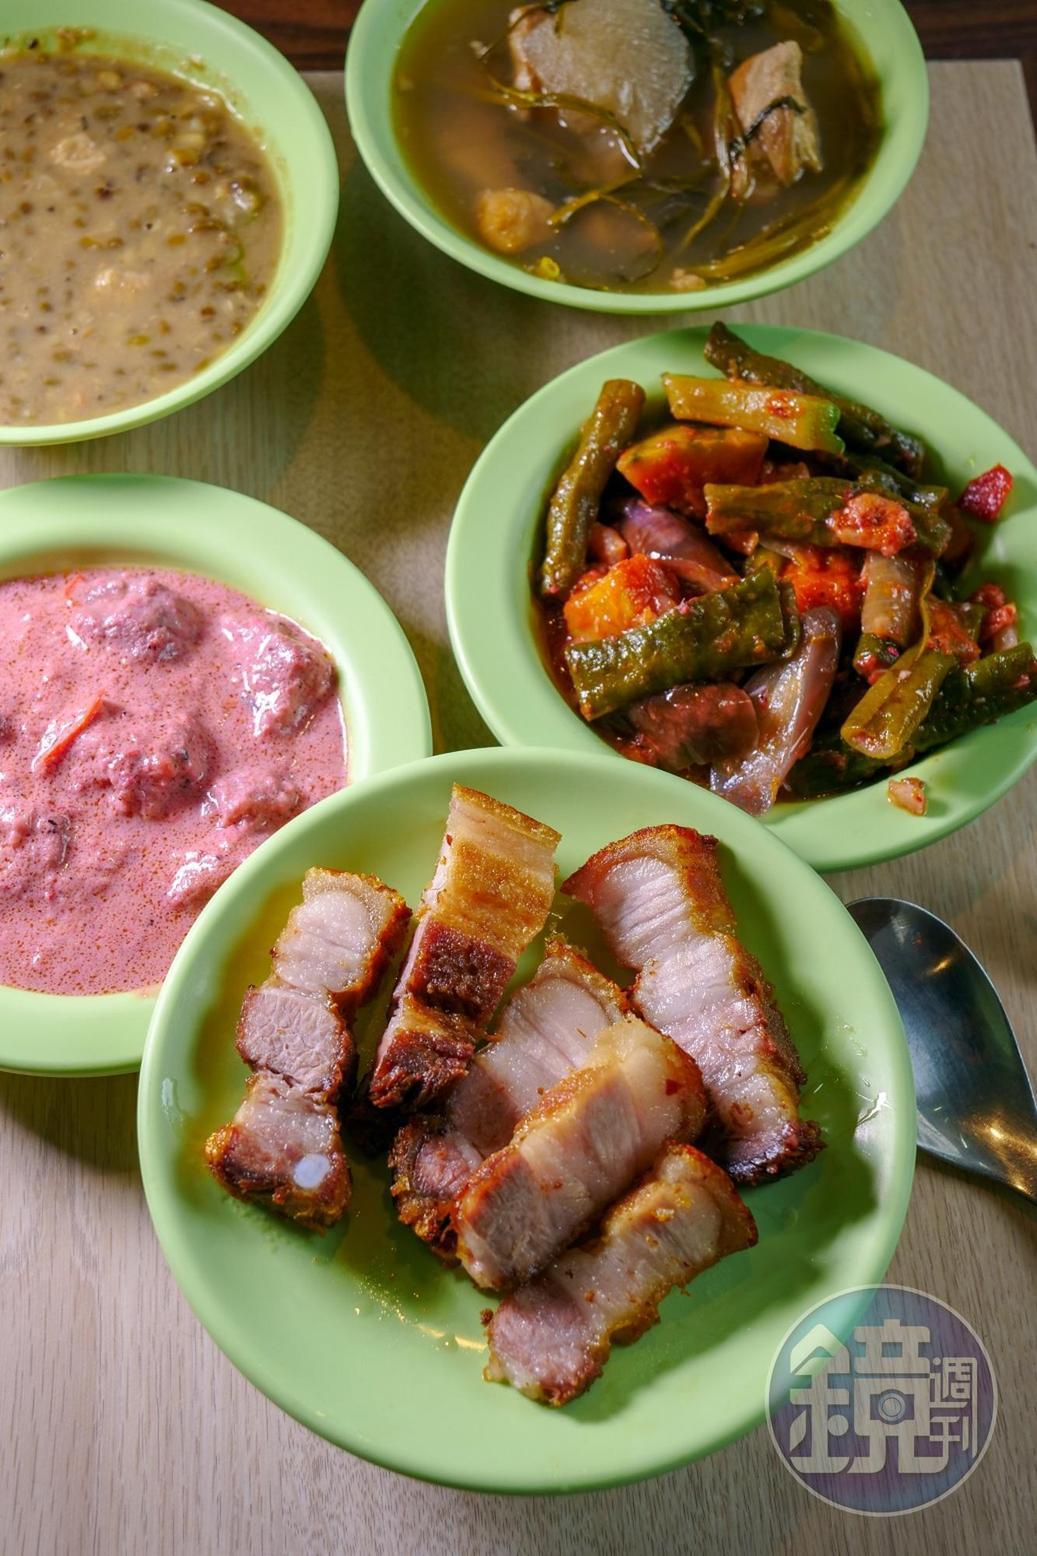 其實菲律賓菜跟台灣料理很像,只是調味方式差異很大。